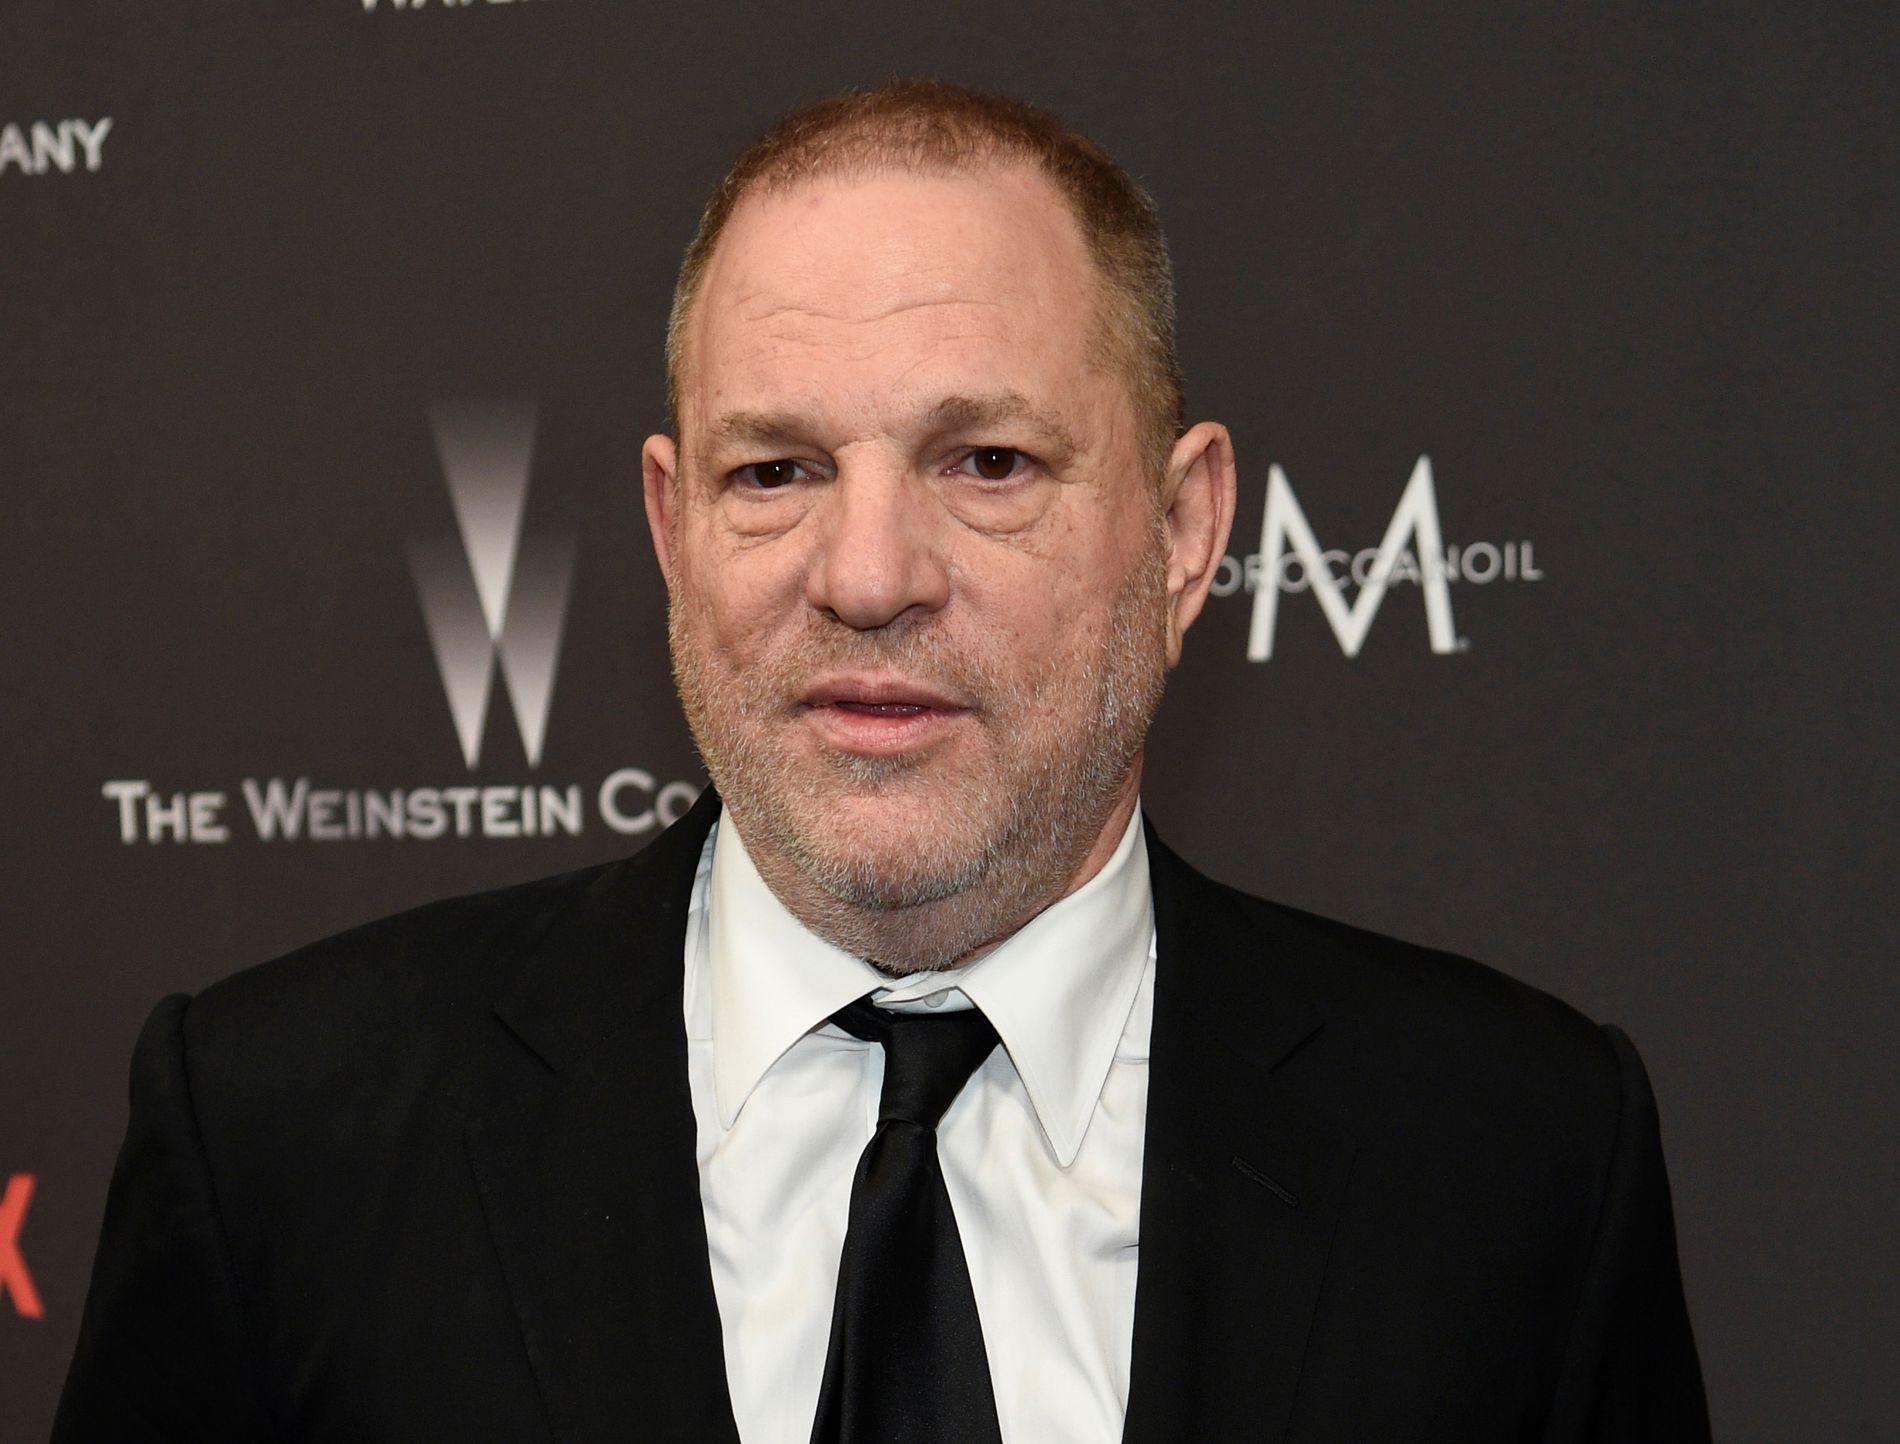 ETTERFORSKES: 100 kvinner har meldt om overgrep, trakassering og annen upassende oppførsel fra Weinstein.